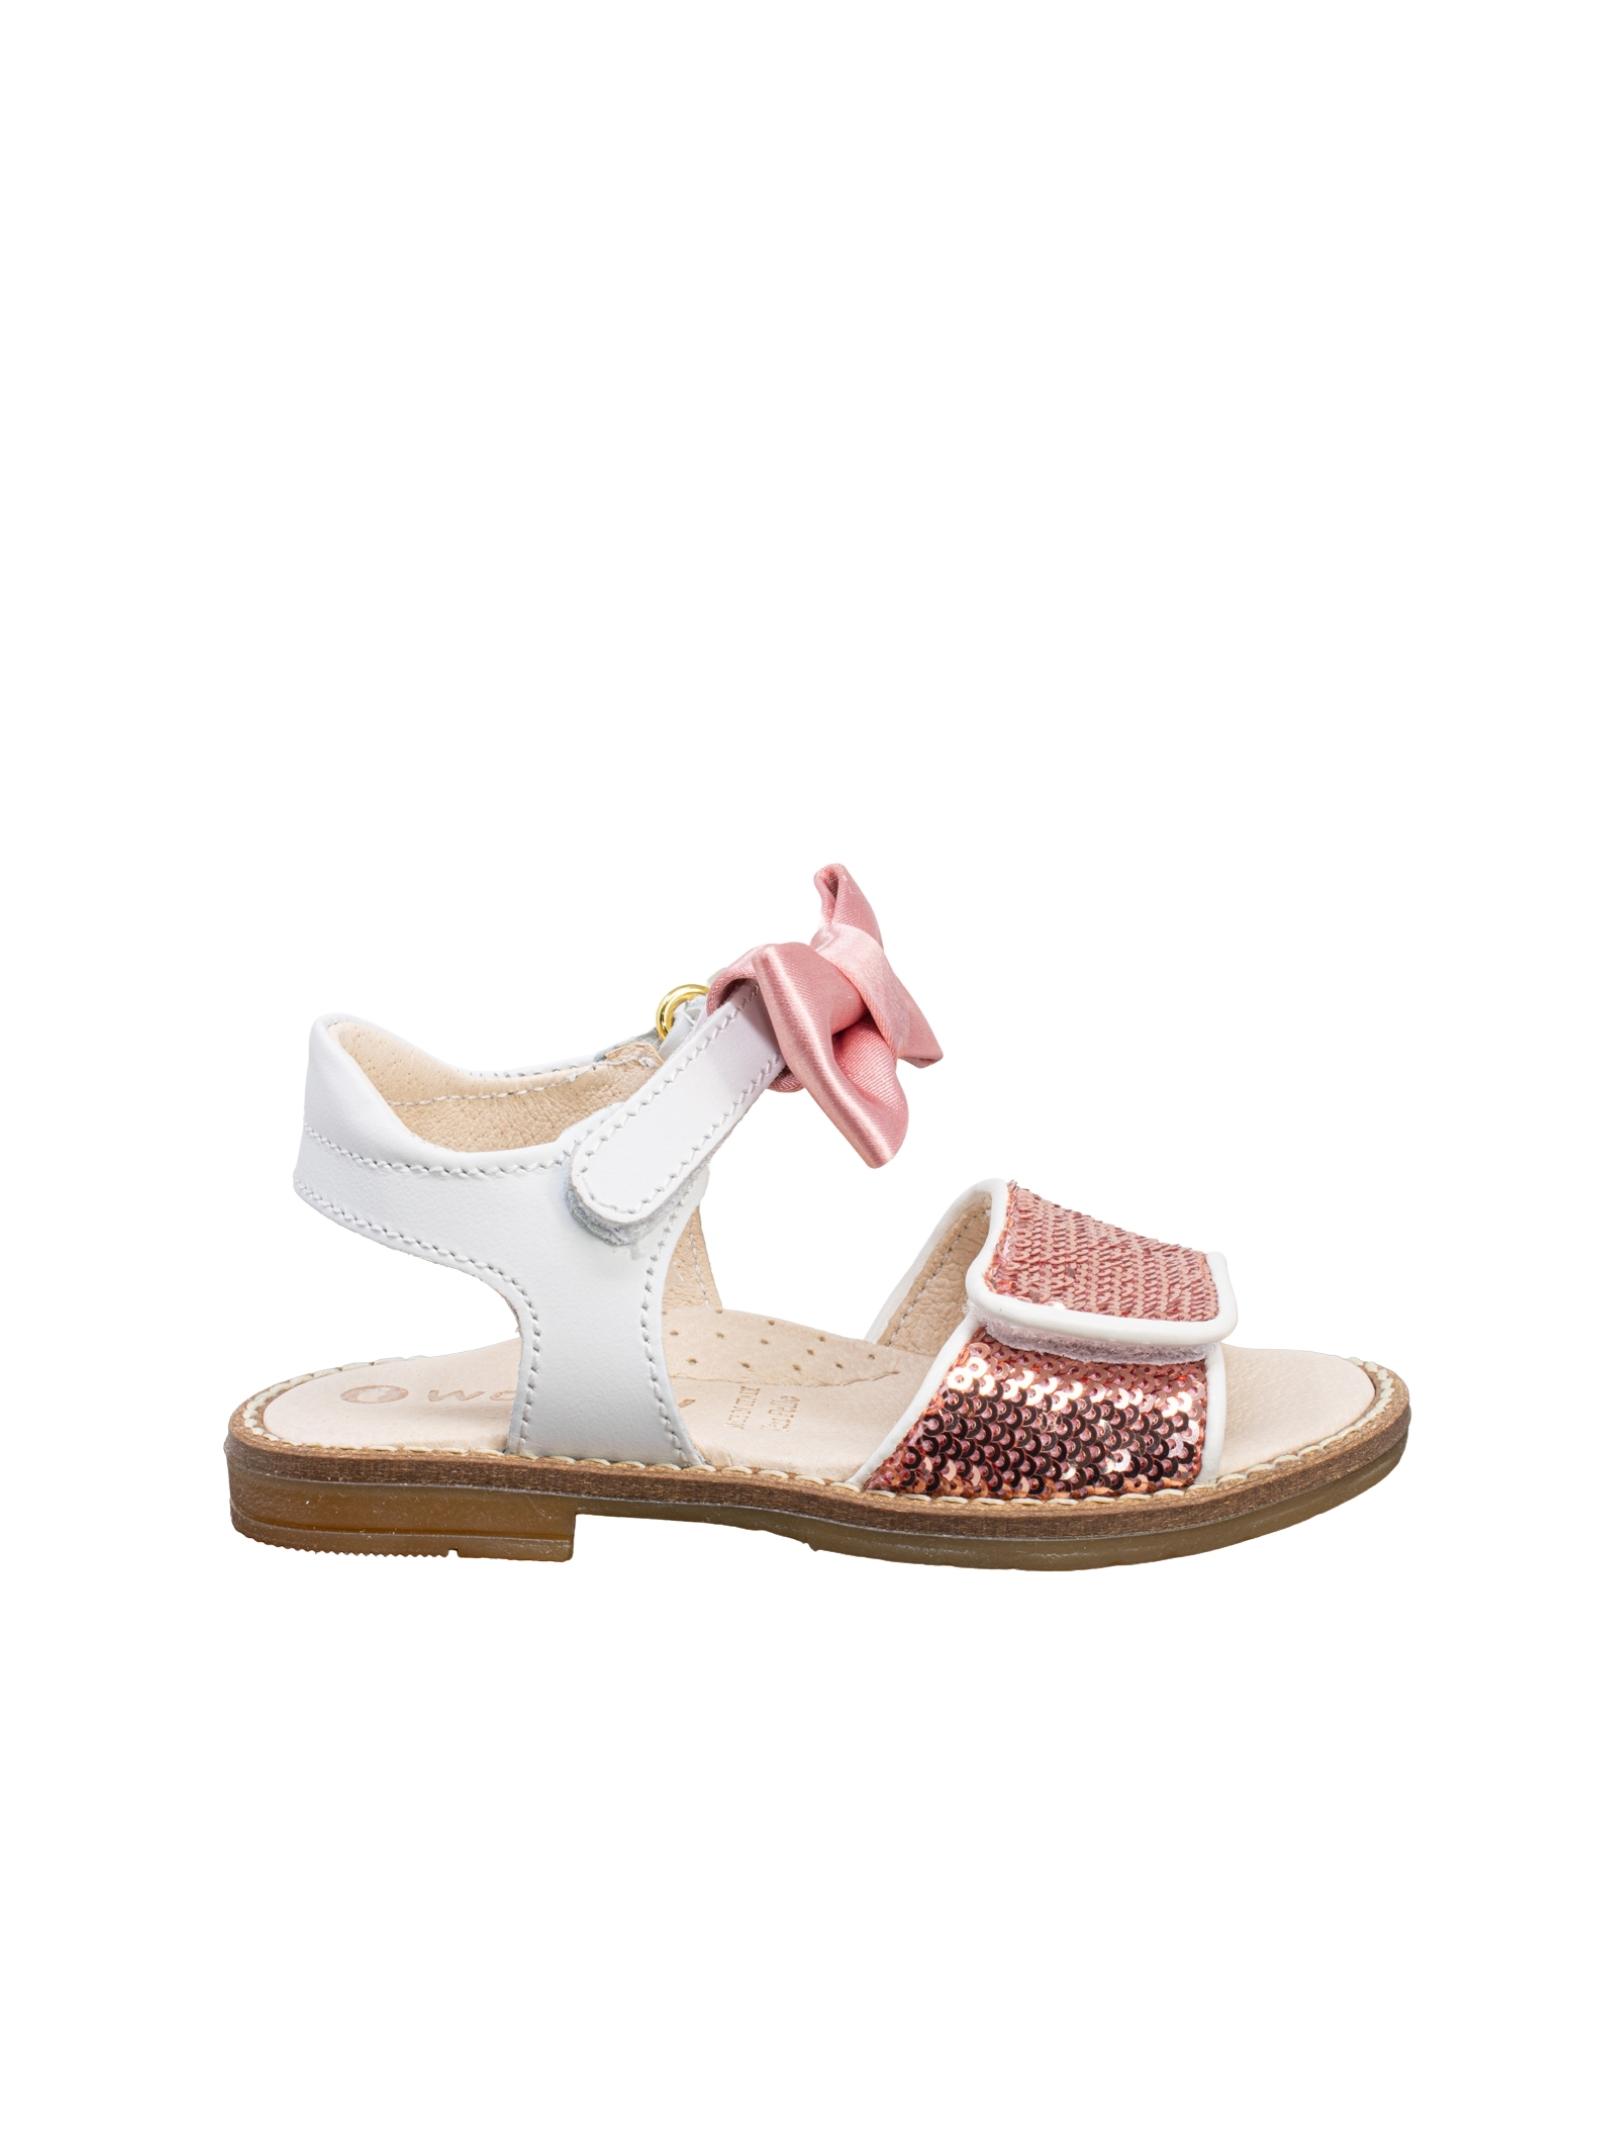 WALKEY | Sandals | Y1A2412121204514Bianco/cipria